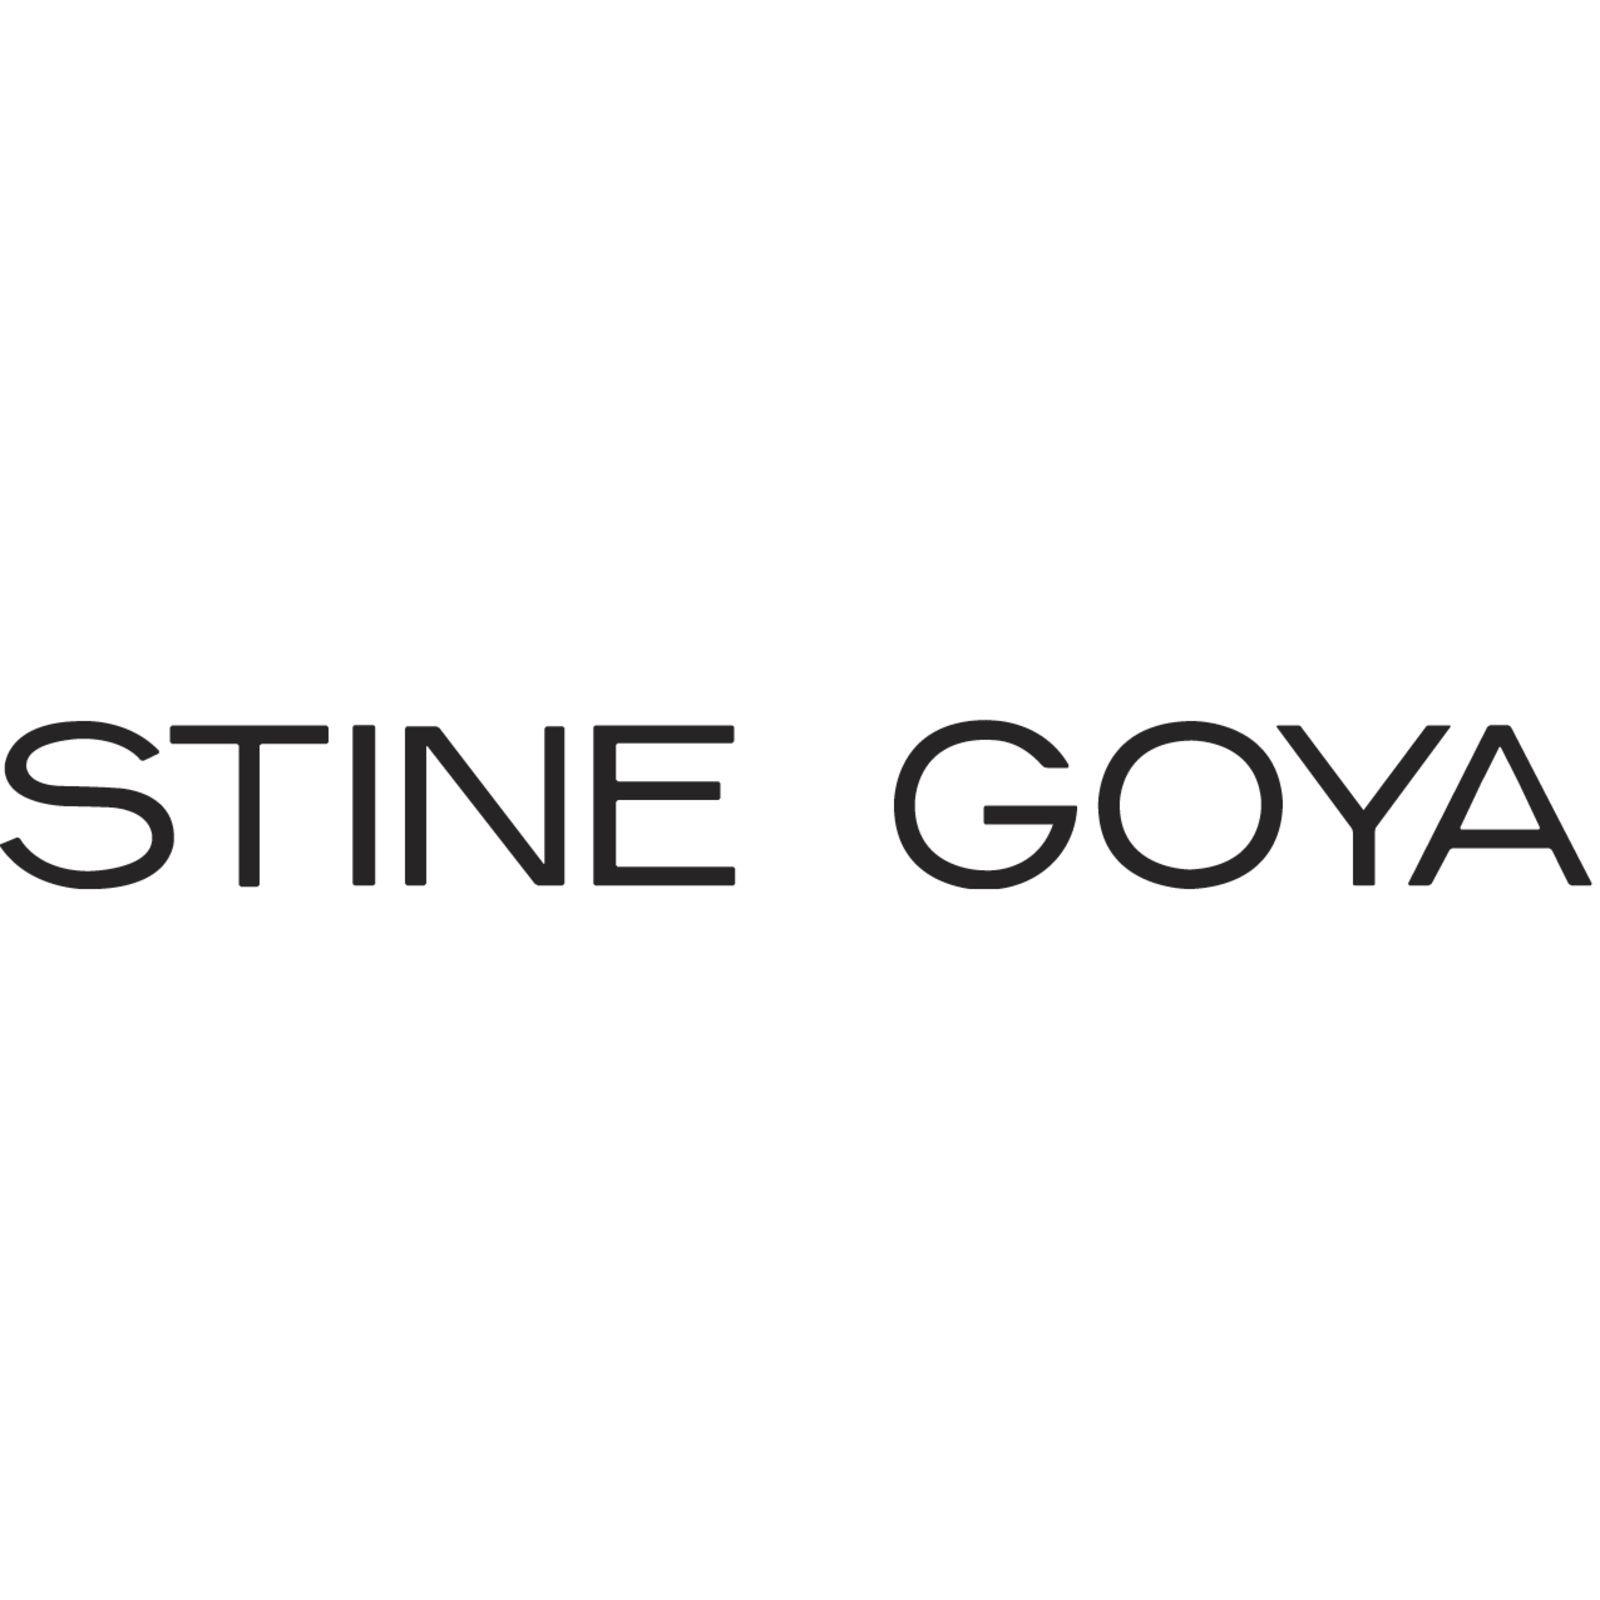 Stine Goya (Imagen 1)